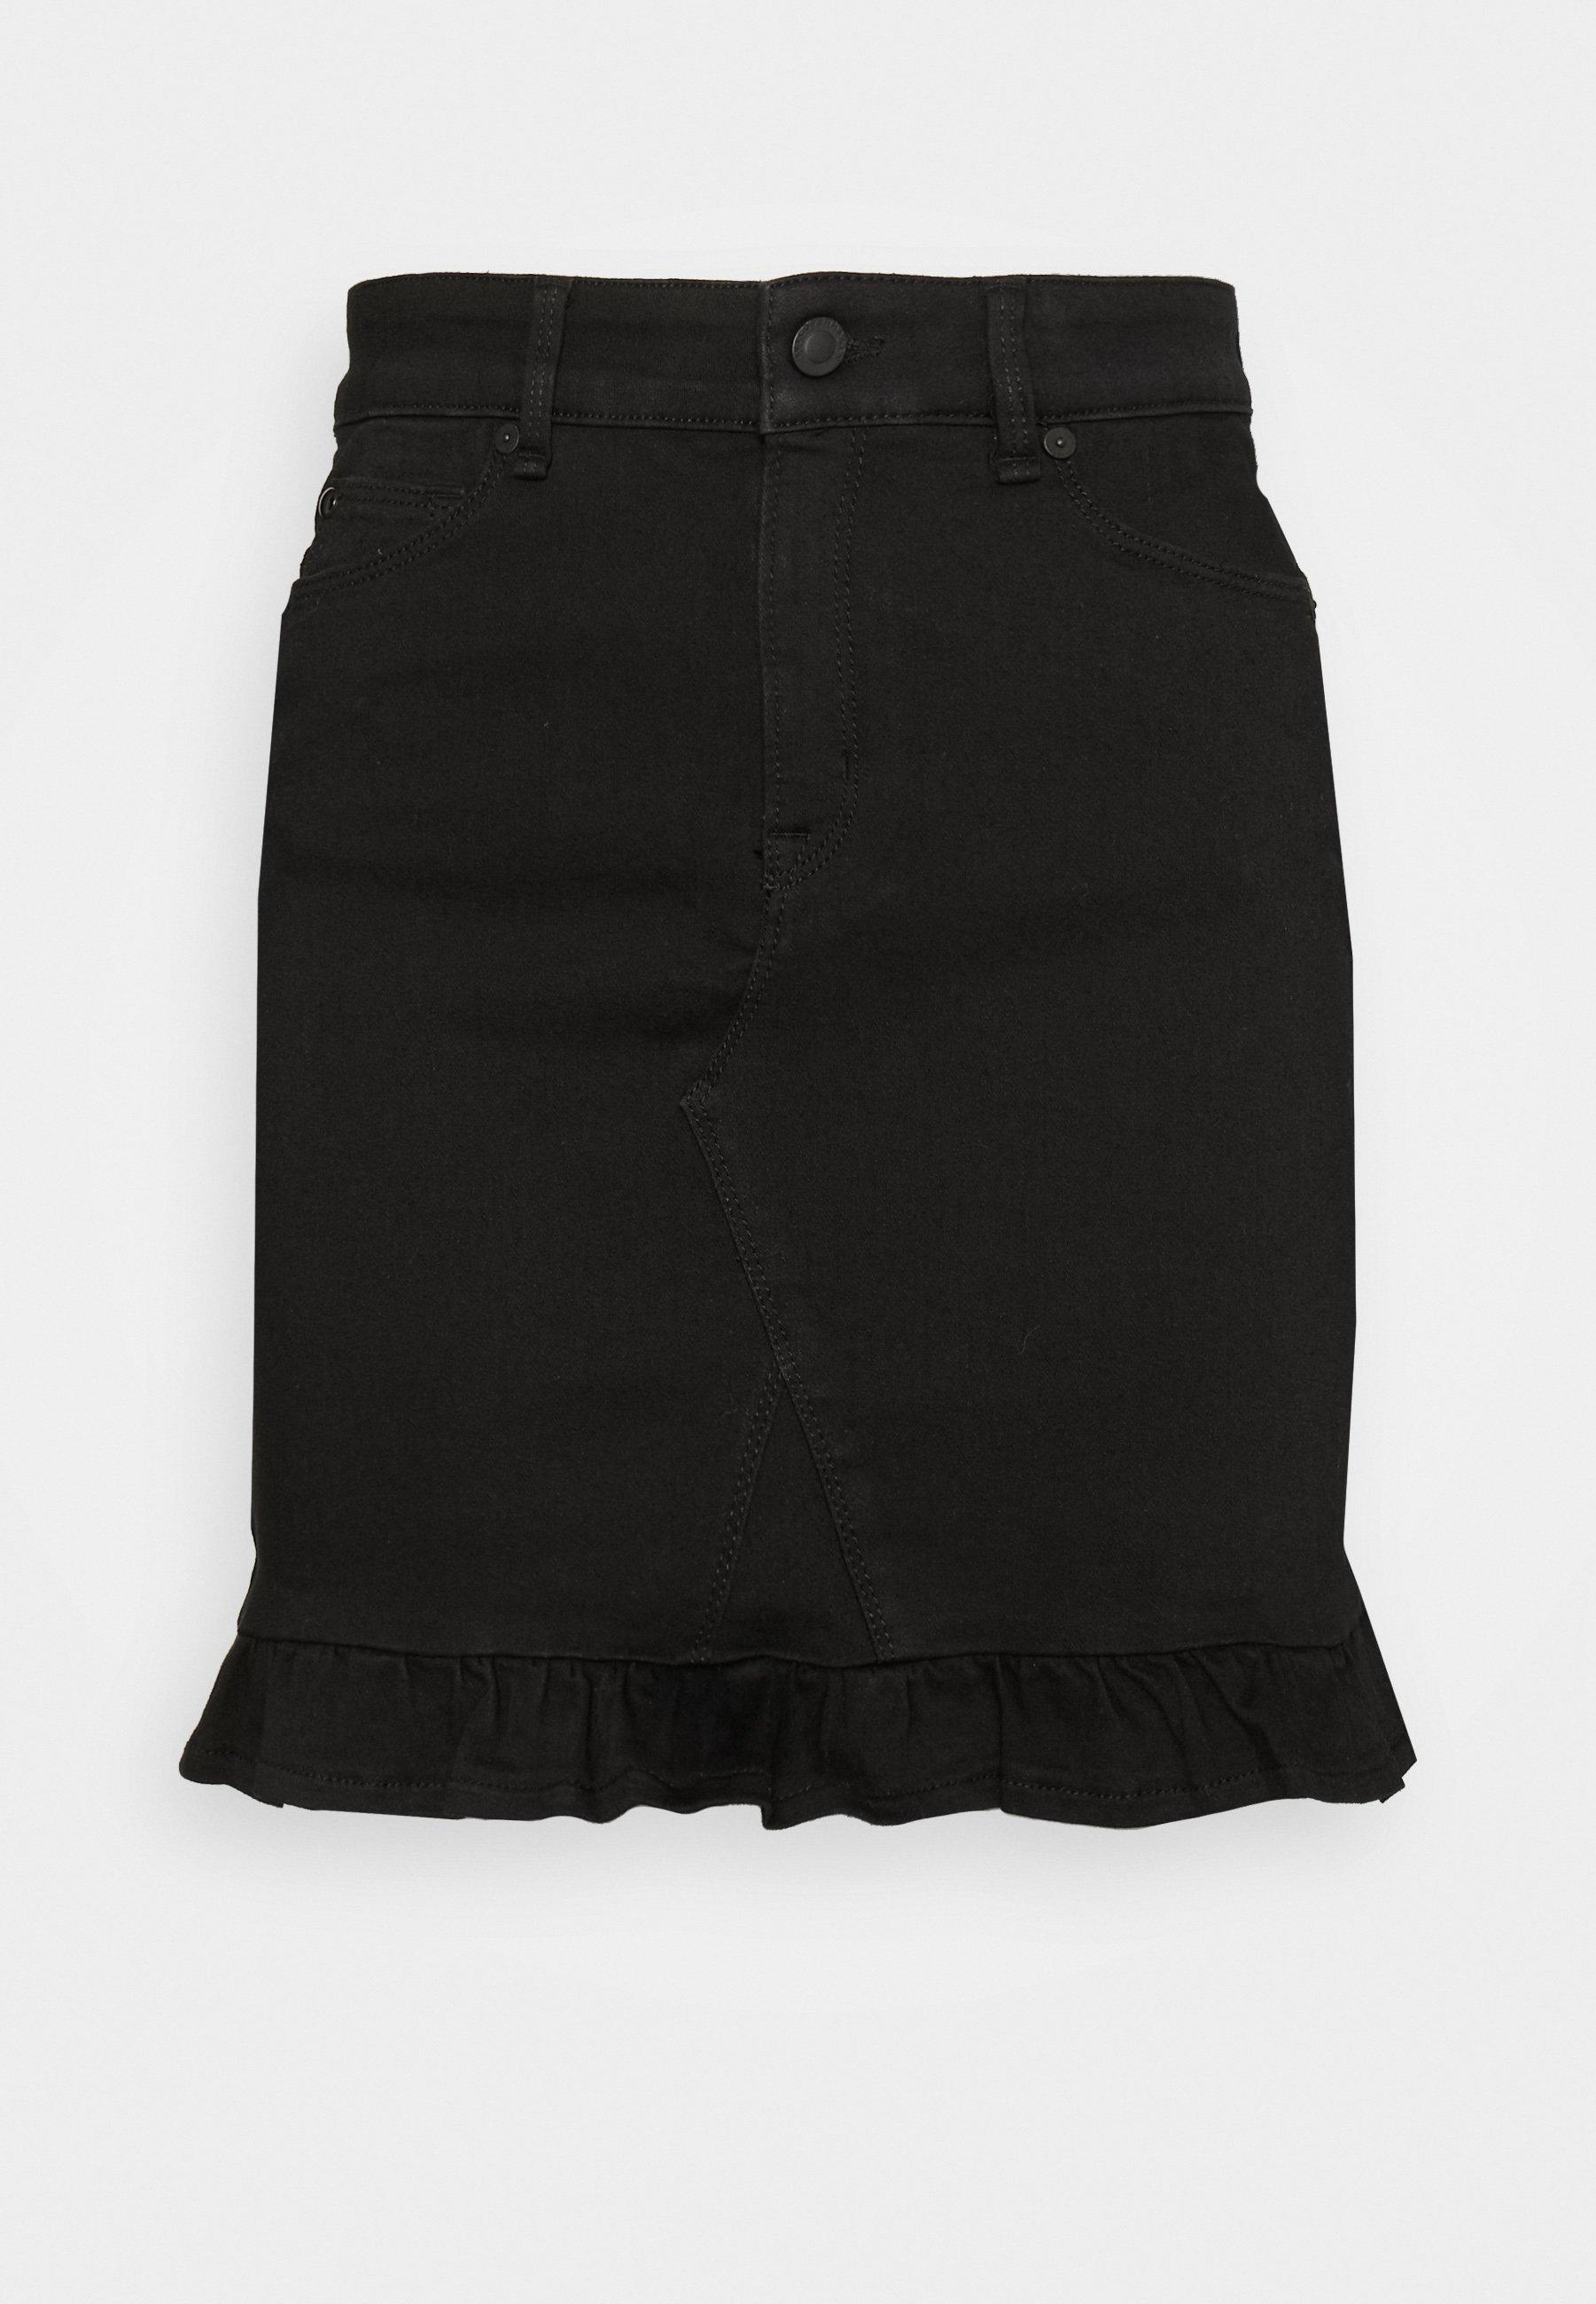 Limit Offer Cheap Women's Clothing Ivy Copenhagen ALEXA SKIRT Denim skirt black aTMQf0XVc